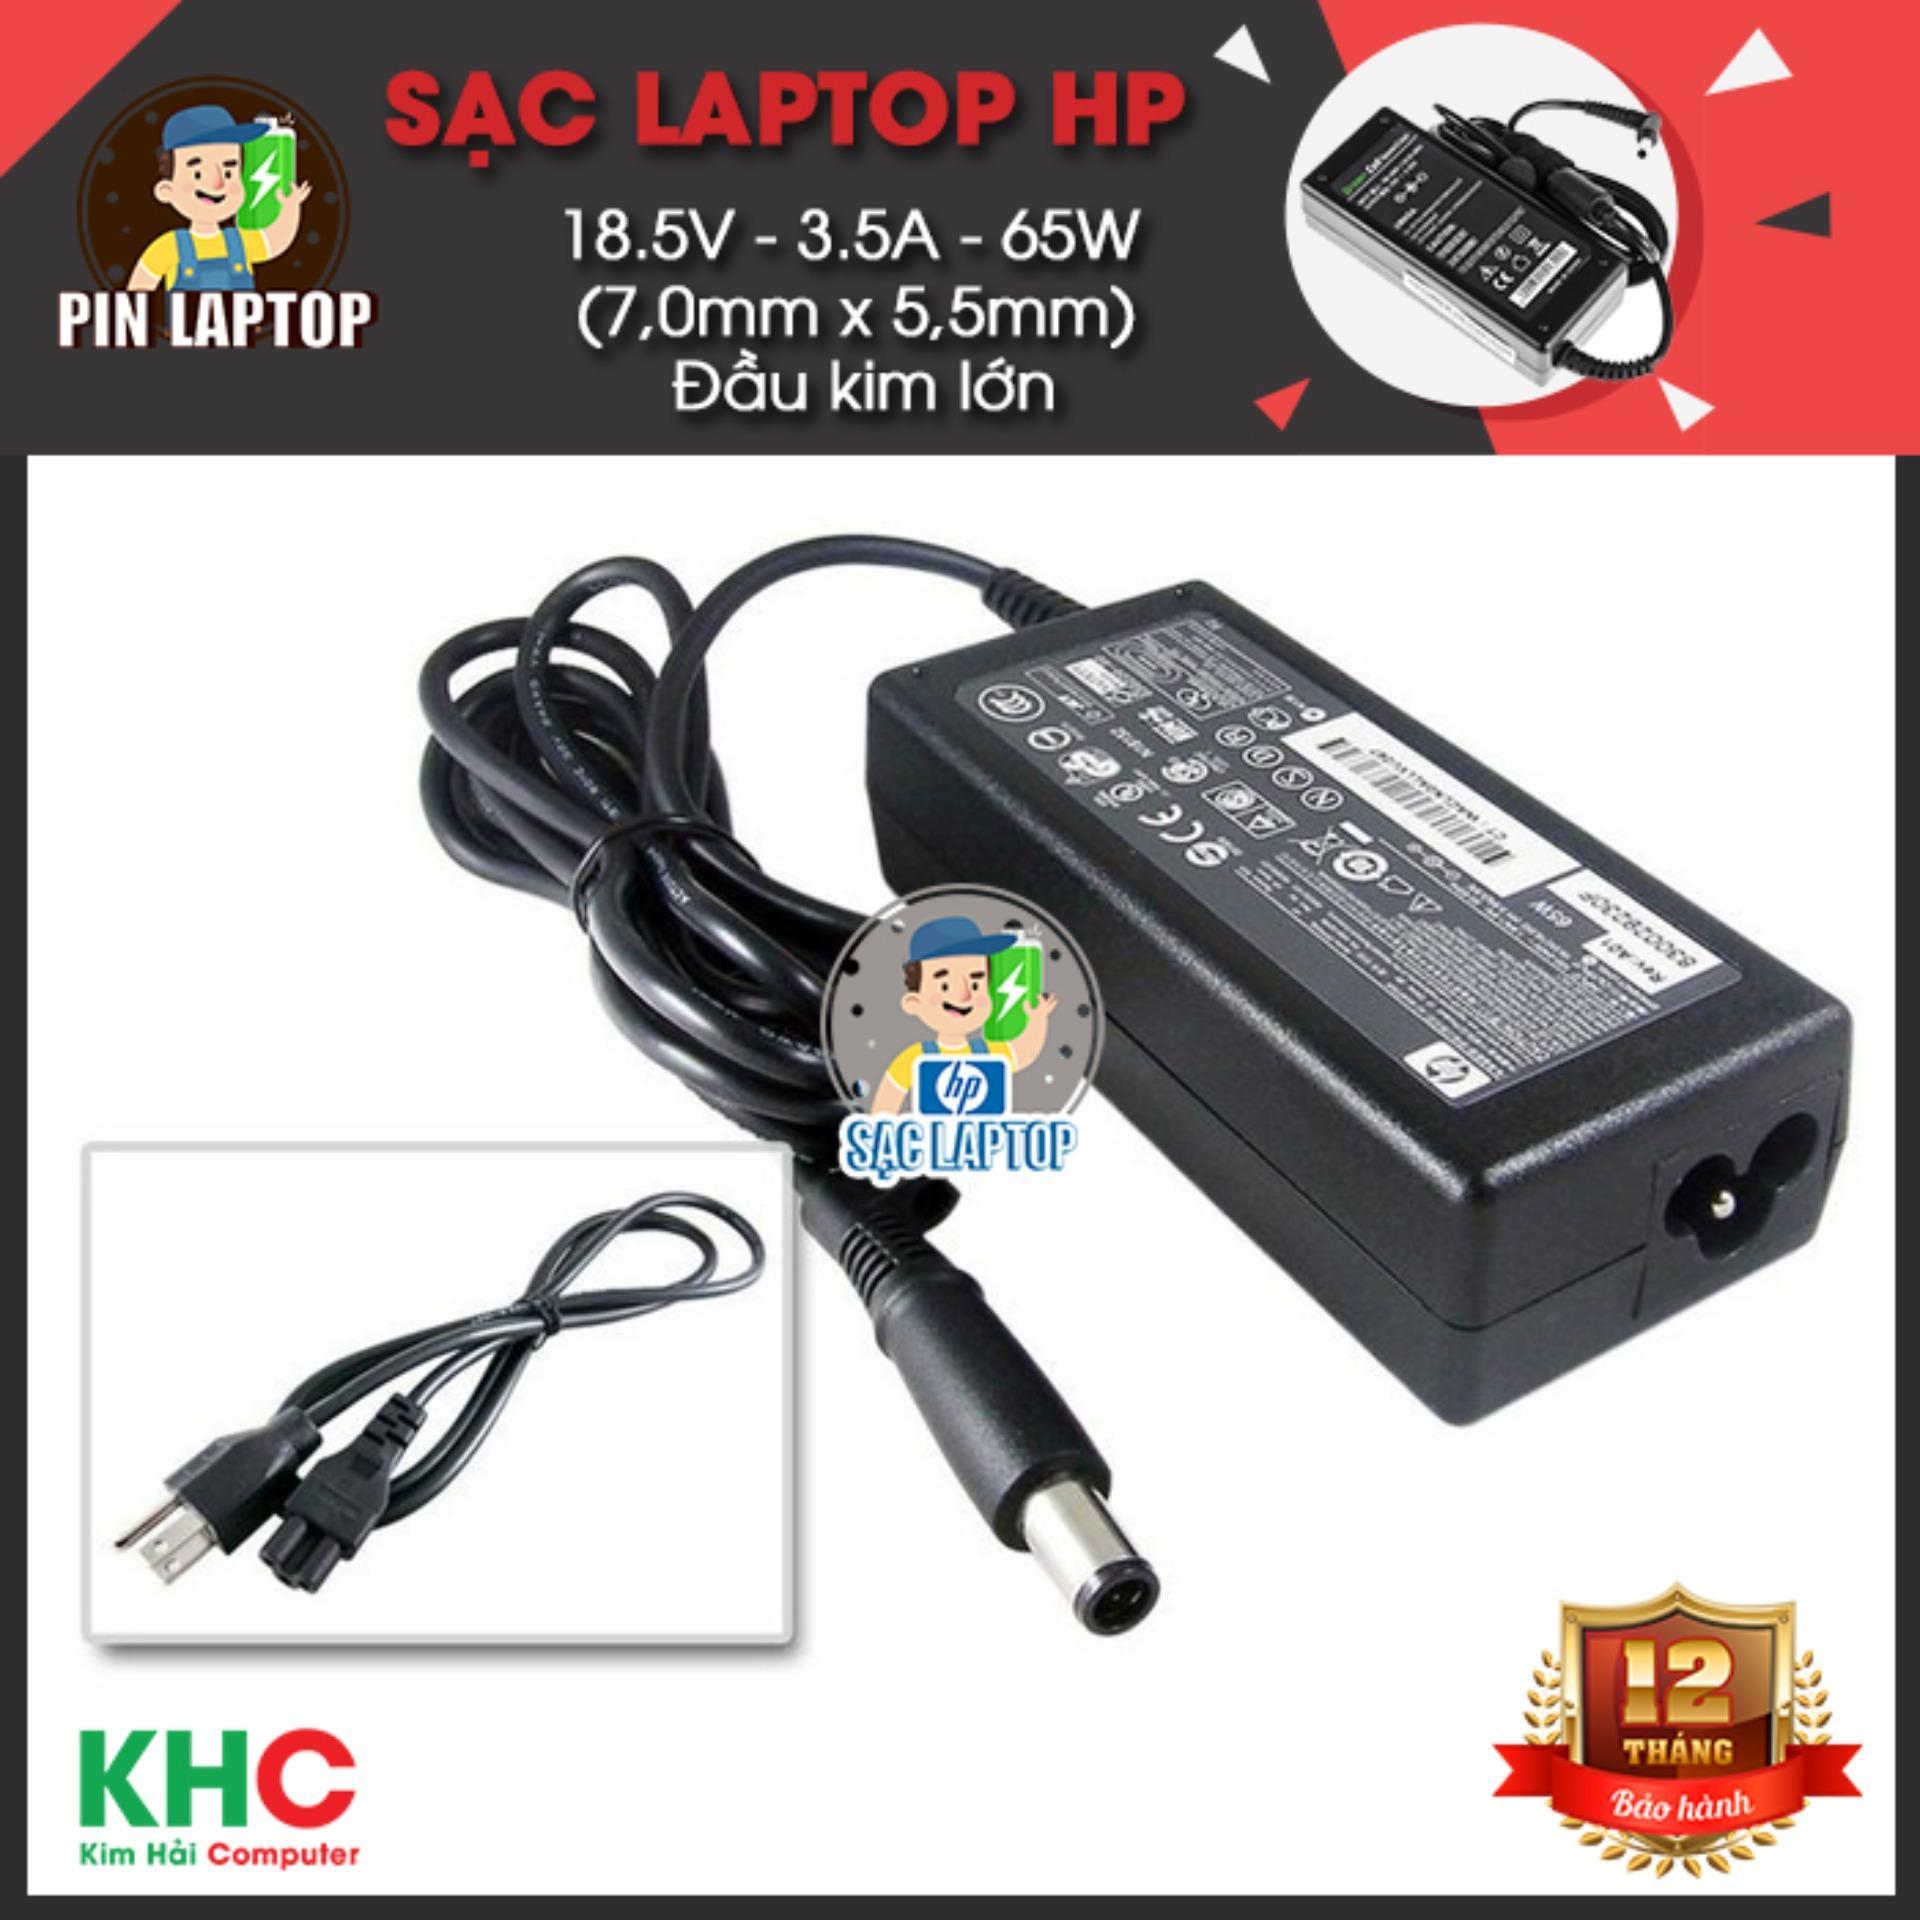 Chiết Khấu Sạc Laptop Hp 18 5V 3 5A 65W 7 0Mm X 5 5Mm Đầu Kim Lớn Có Thương Hiệu